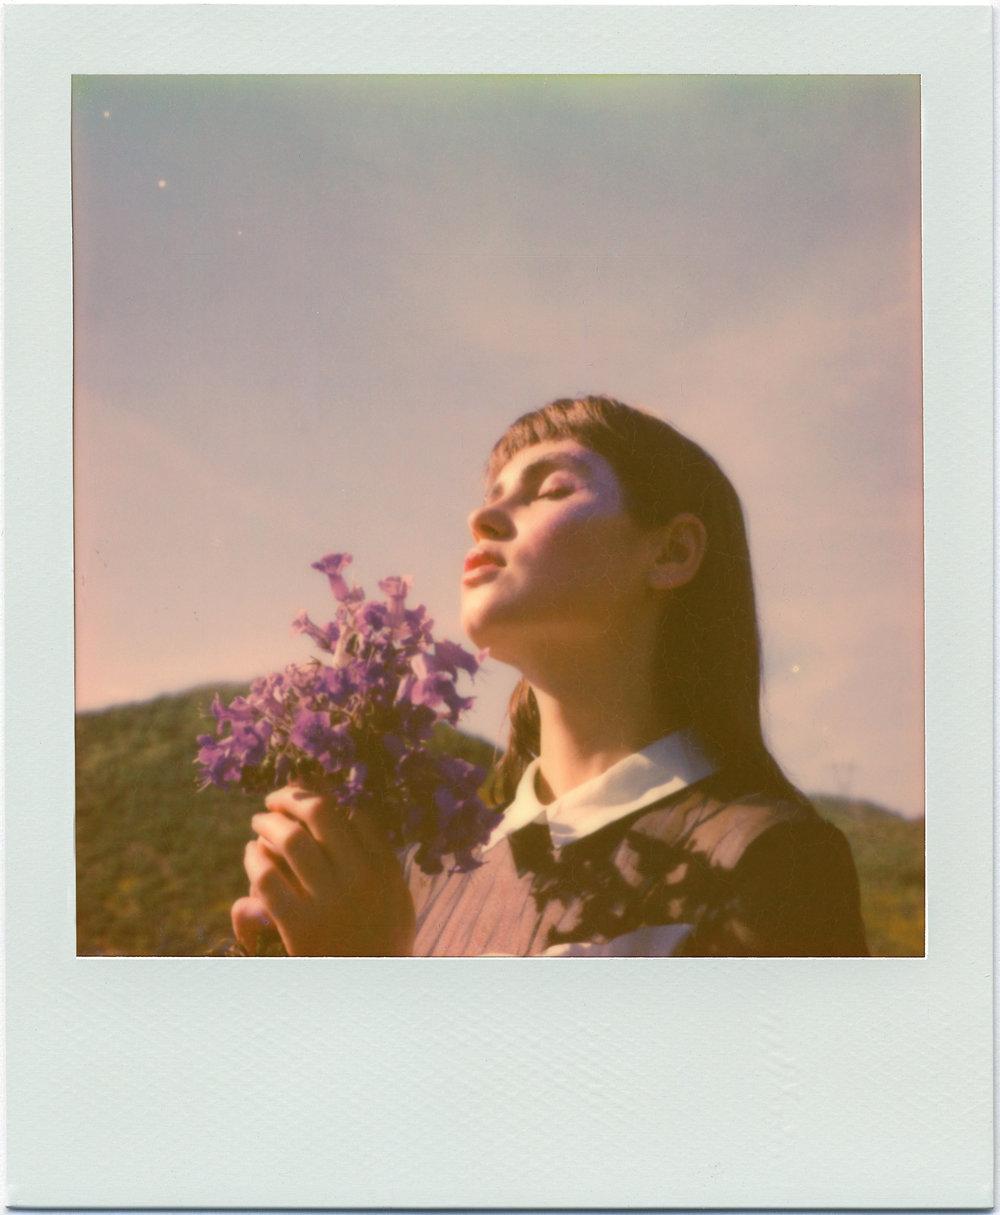 3218_Polaroid_Sx70A.jpg